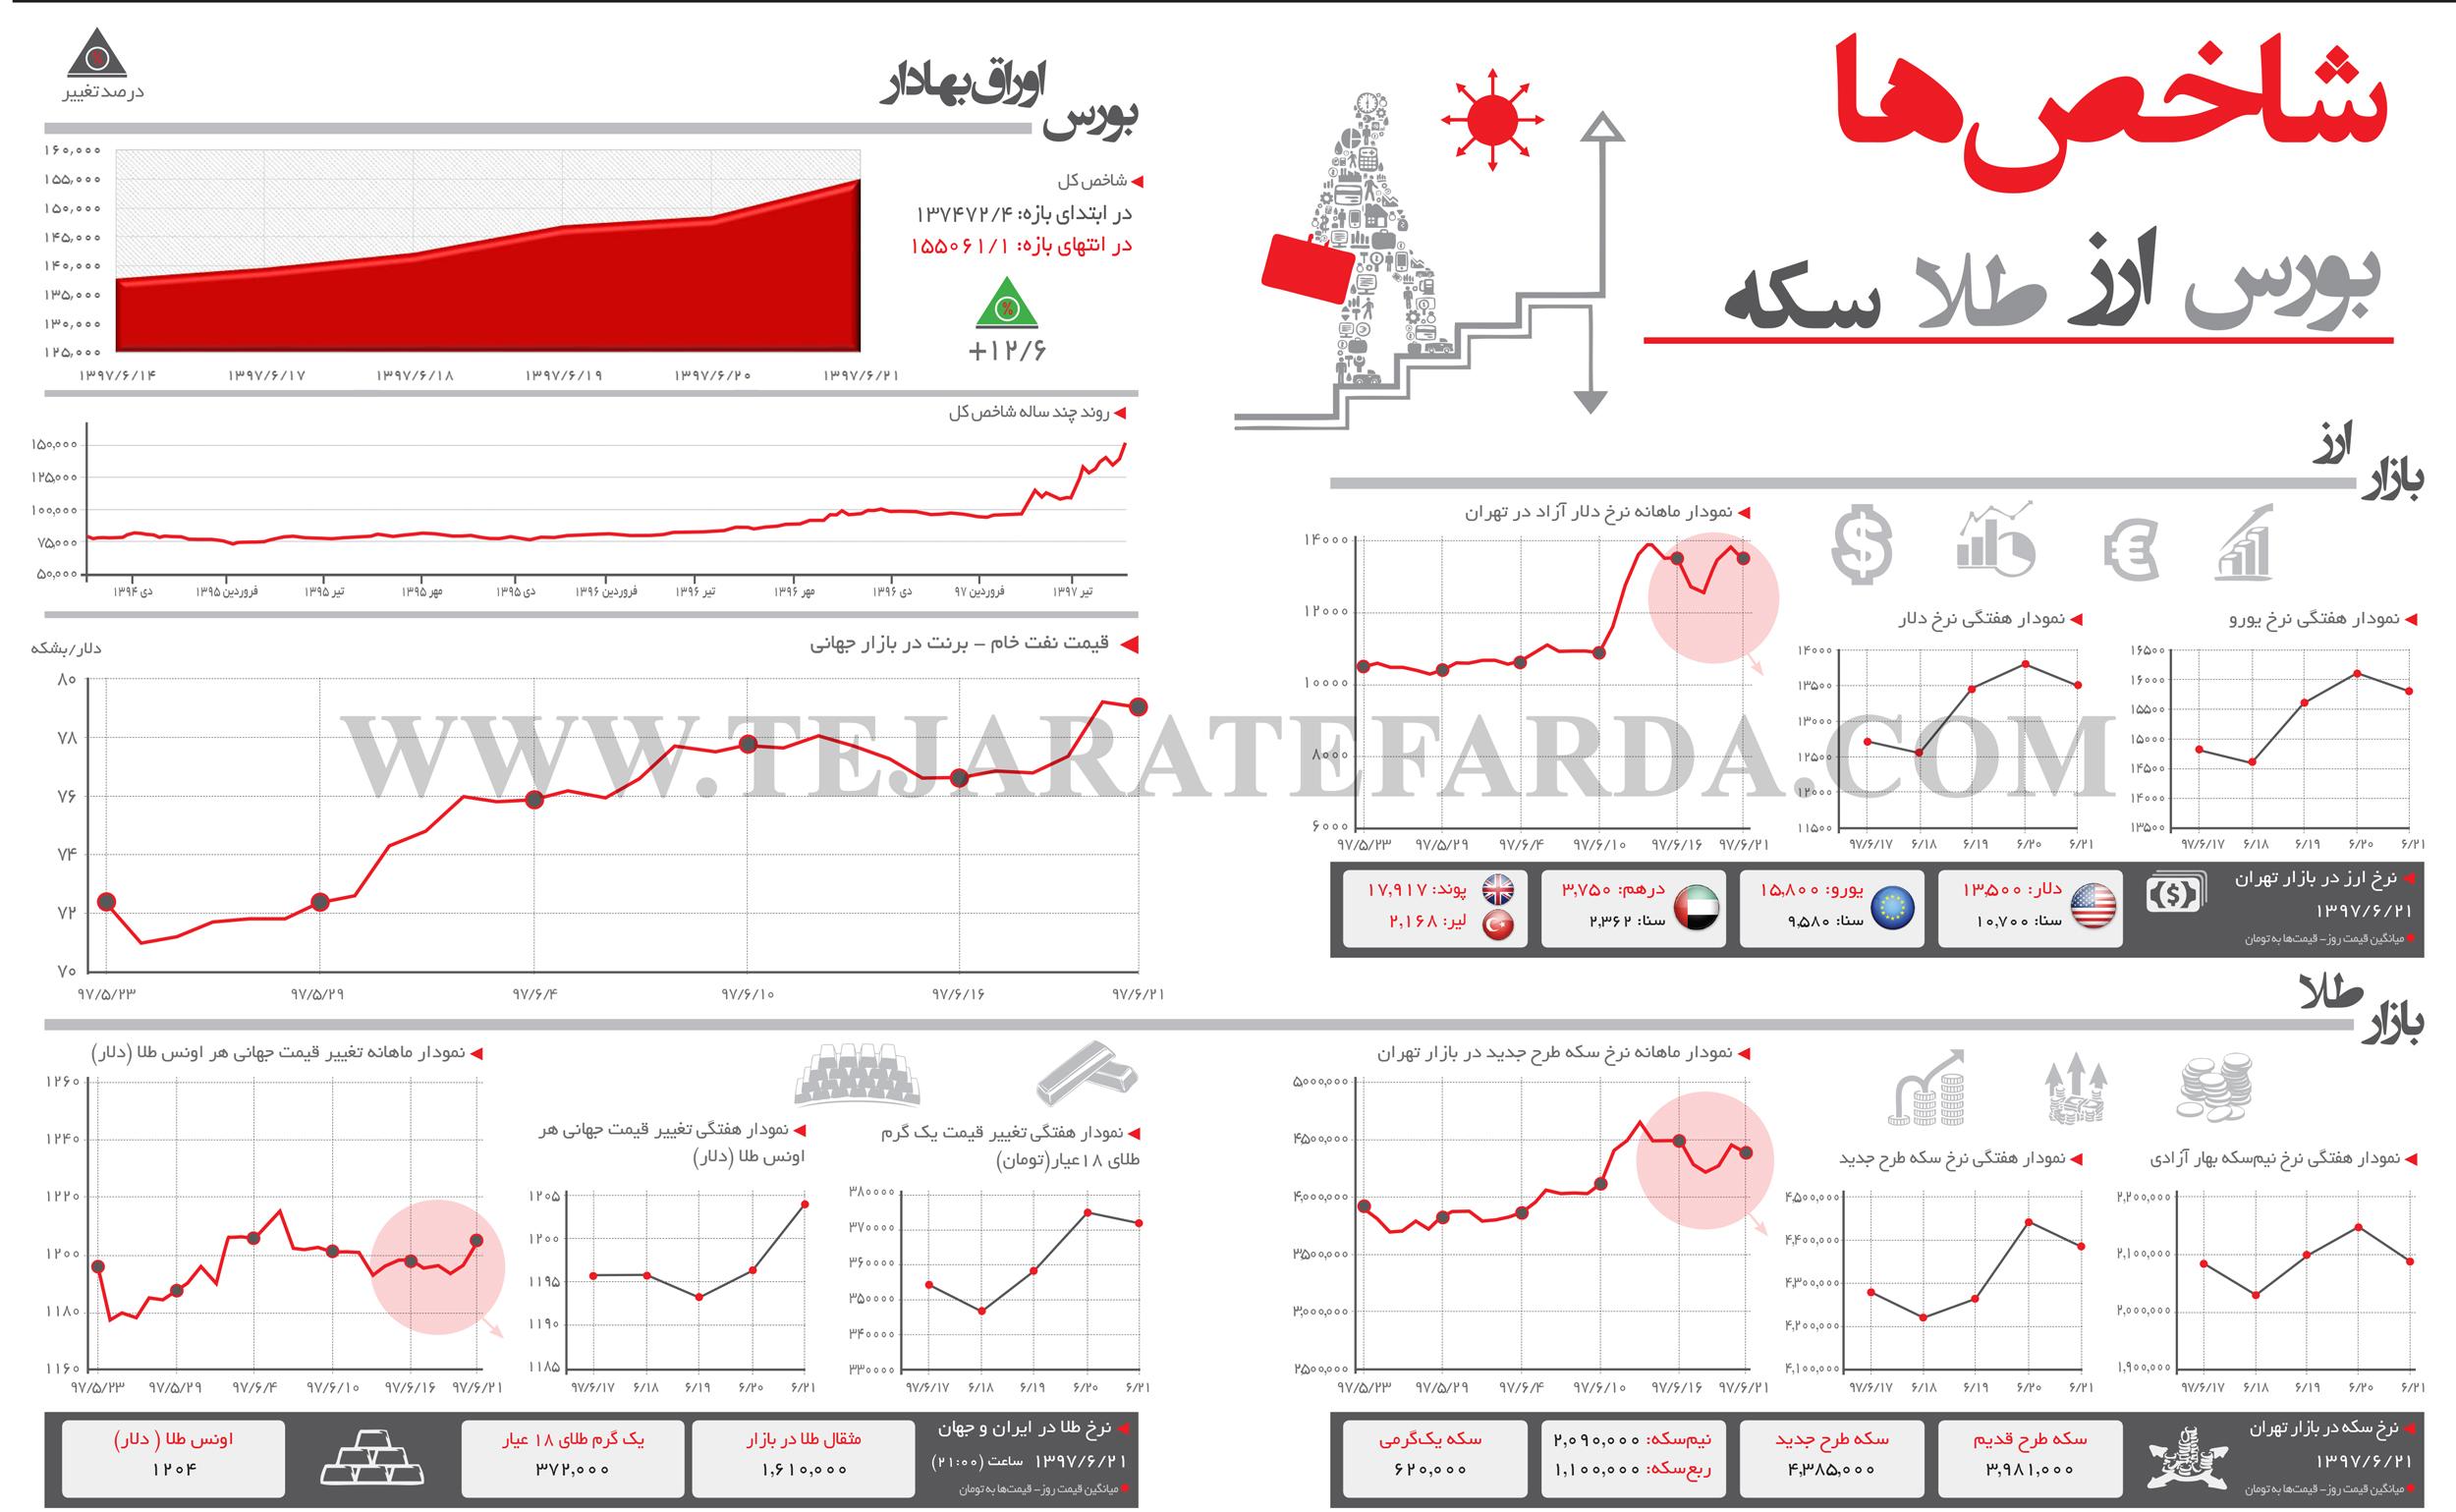 تجارت فردا- اینفوگرافیک- شاخصهای اقتصادی (285)